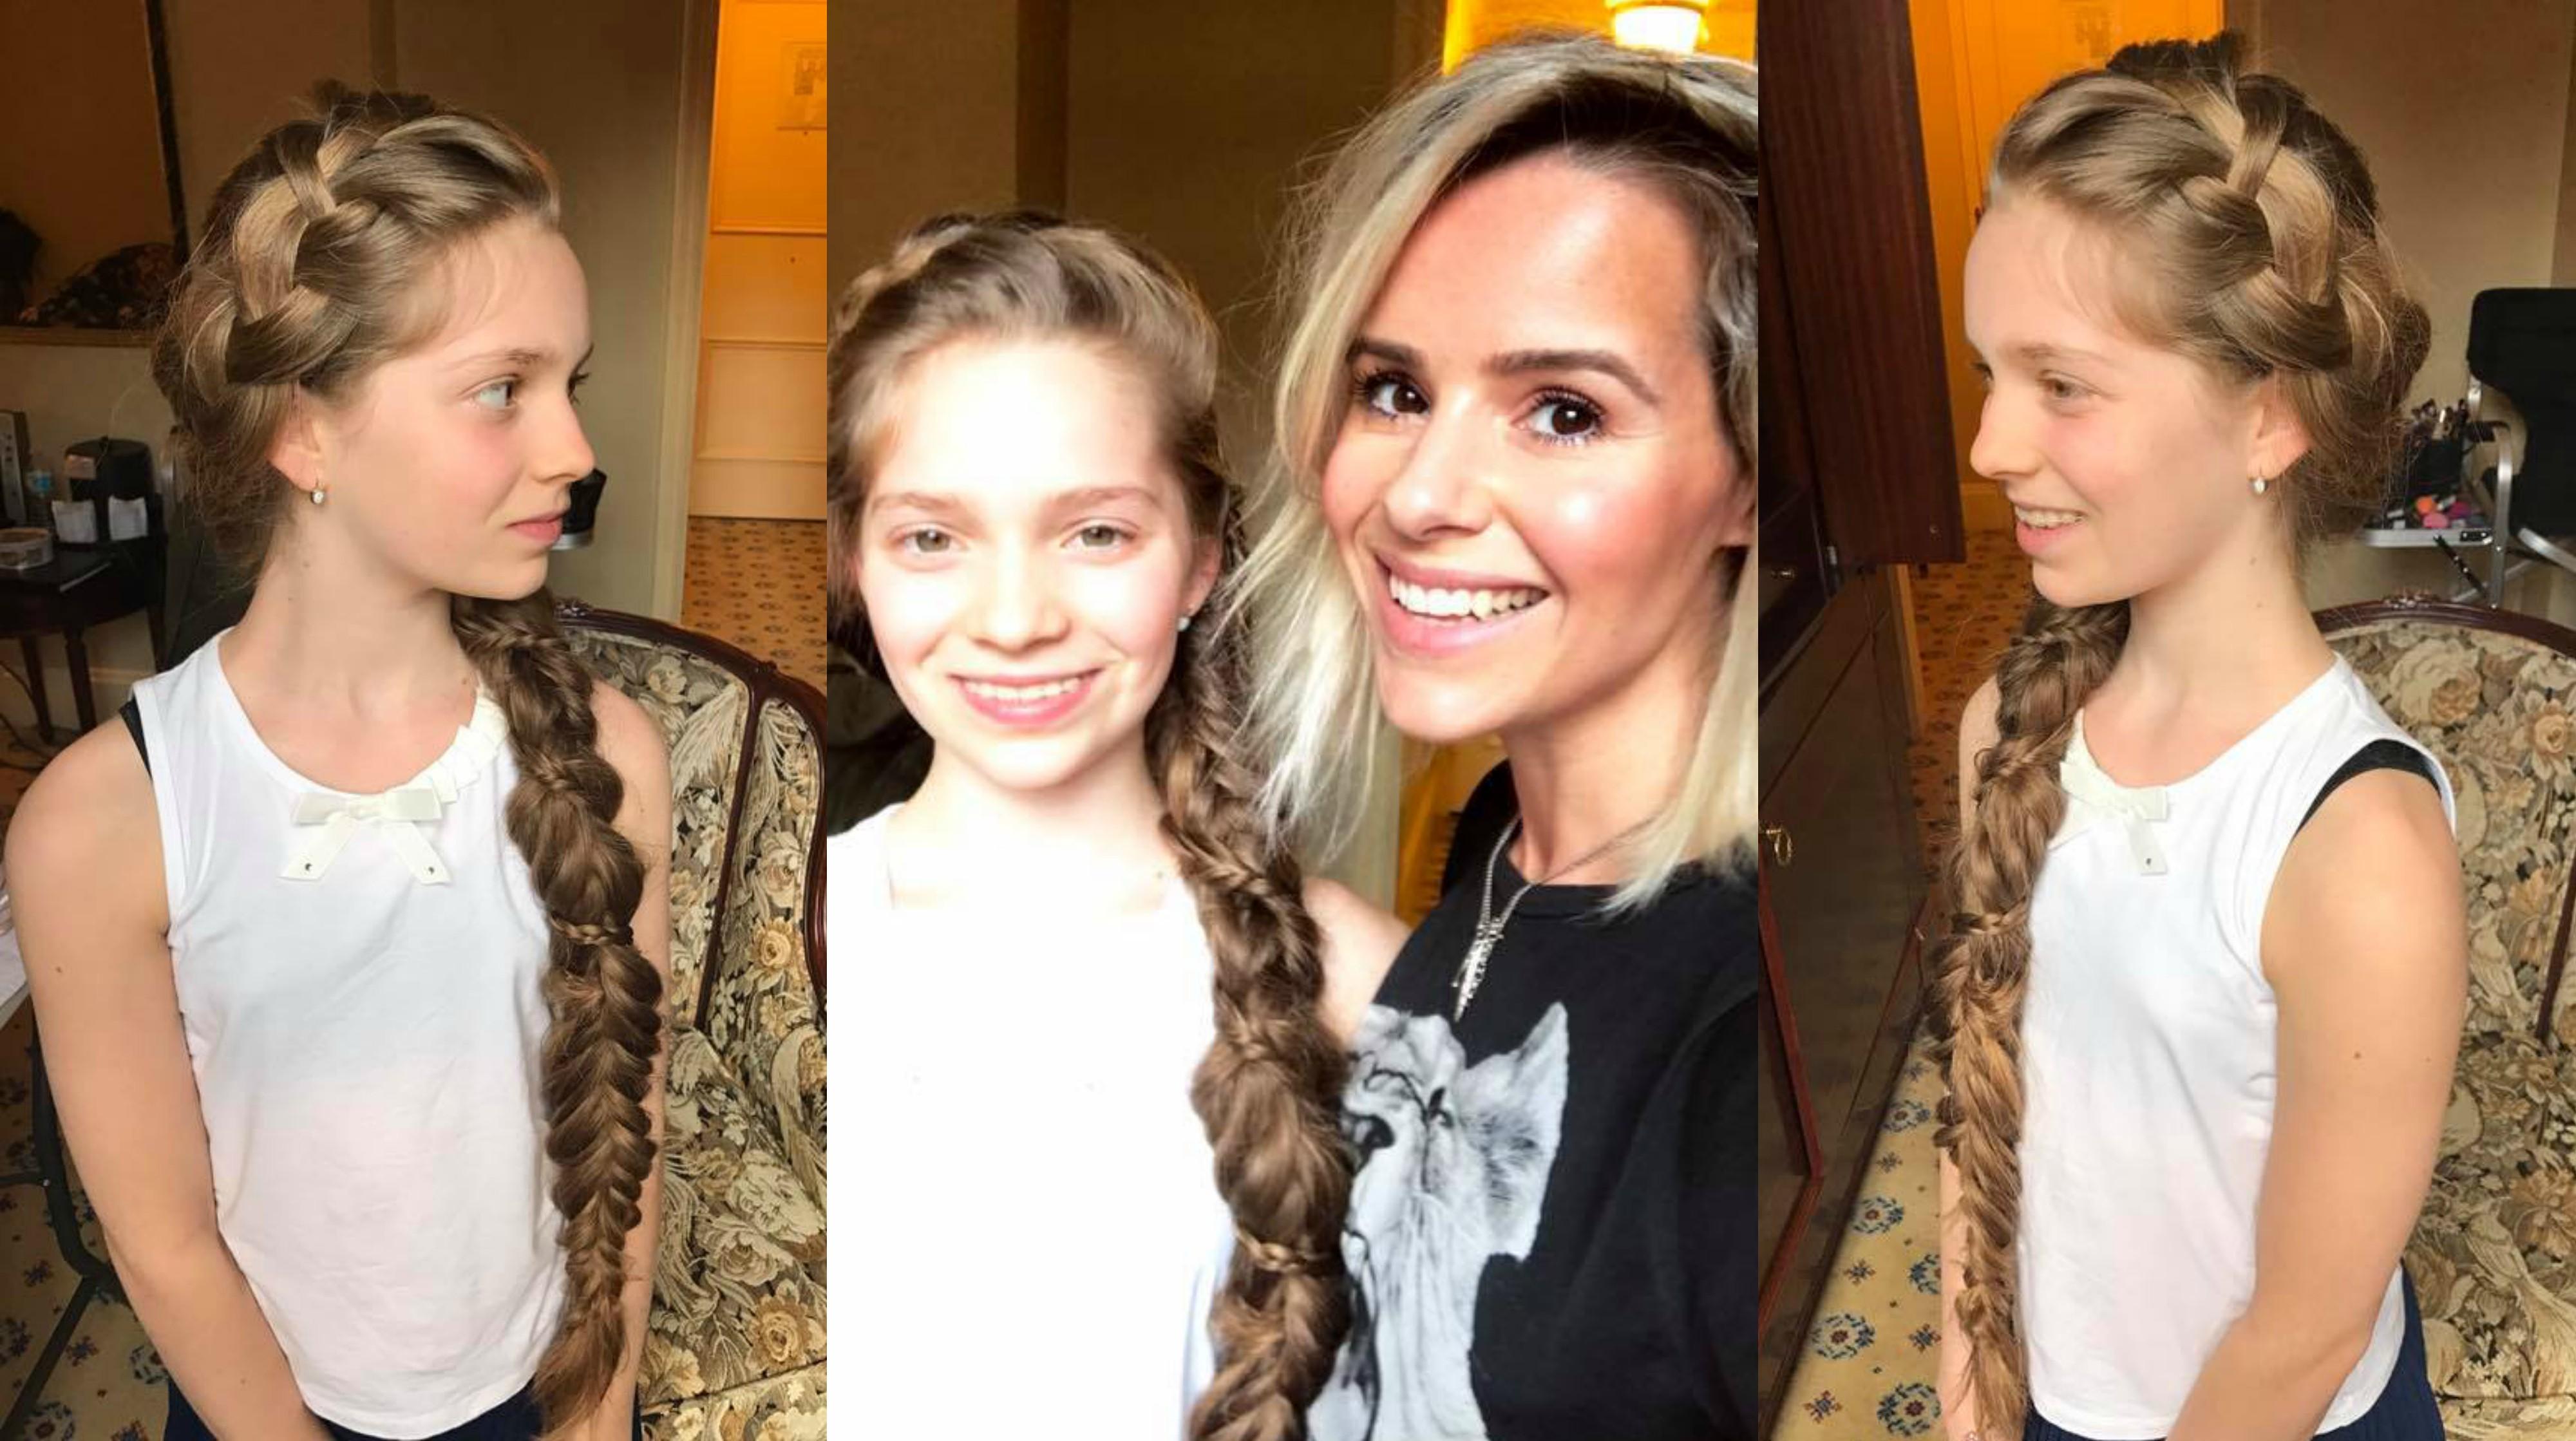 Nem tudunk szó nélkül elmenni a Gáspárfalvi Dorka vörös szőnyegre született hajkölteménye mellett. Persze a kislány maga is megérdemli a figyelmet, nem csak a frizurája. Lássuk, hogyan kerül egy mindössze 13 éves magyar lány a los angelesi Oscarra.